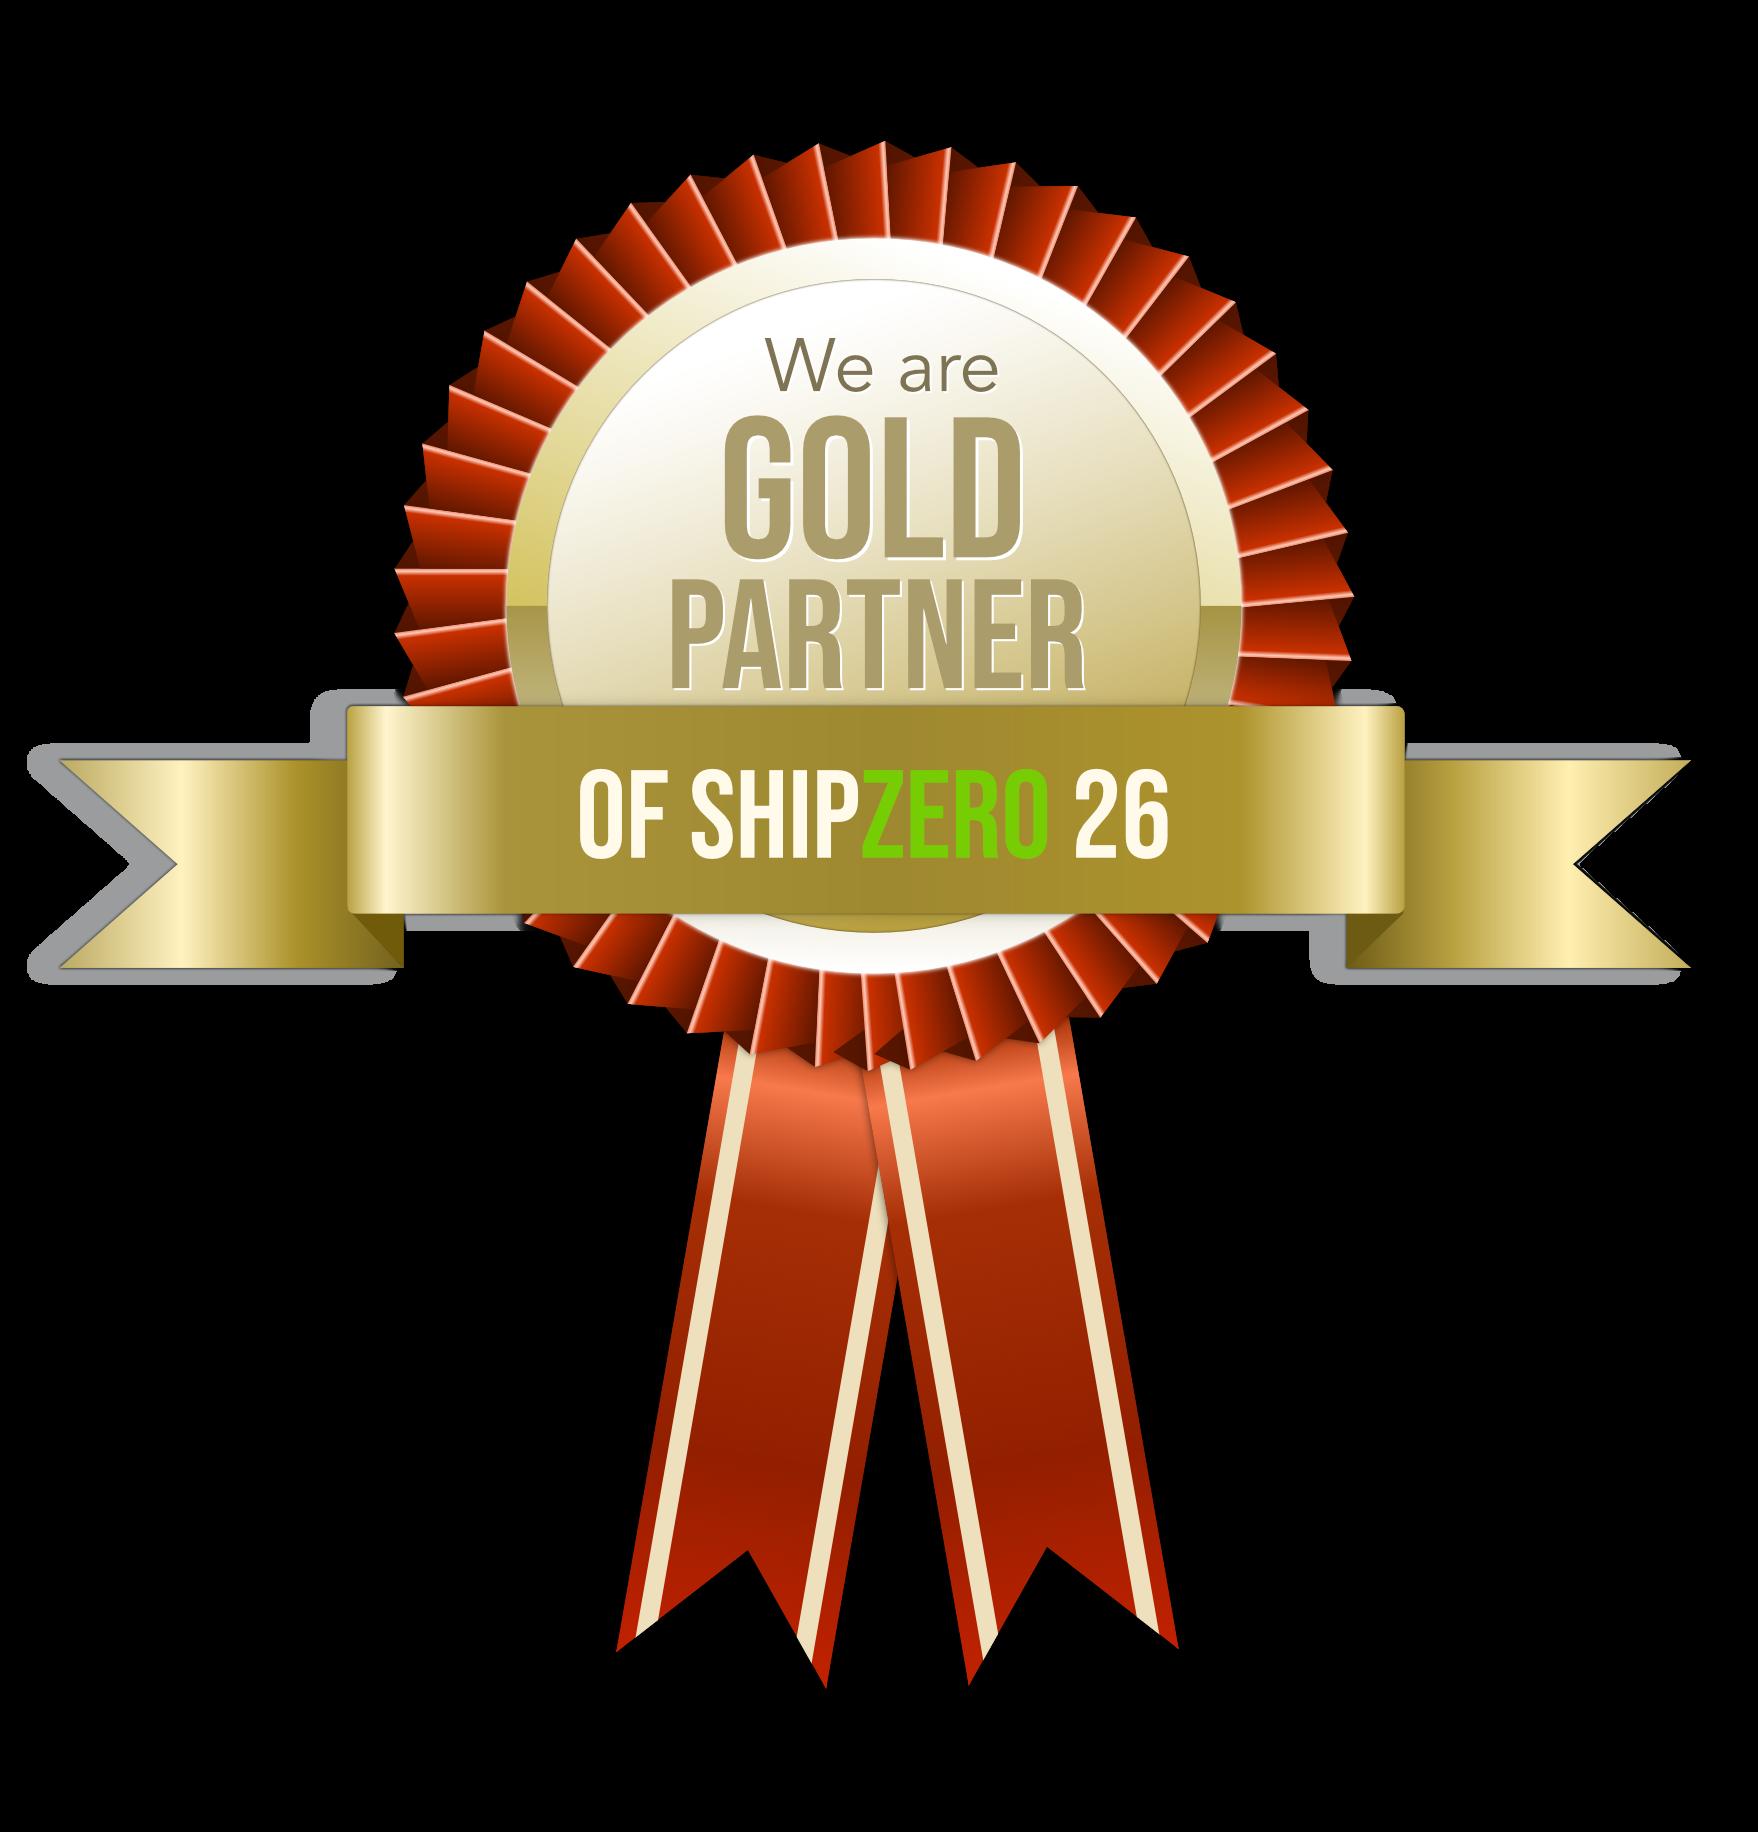 GOLD Partner badge